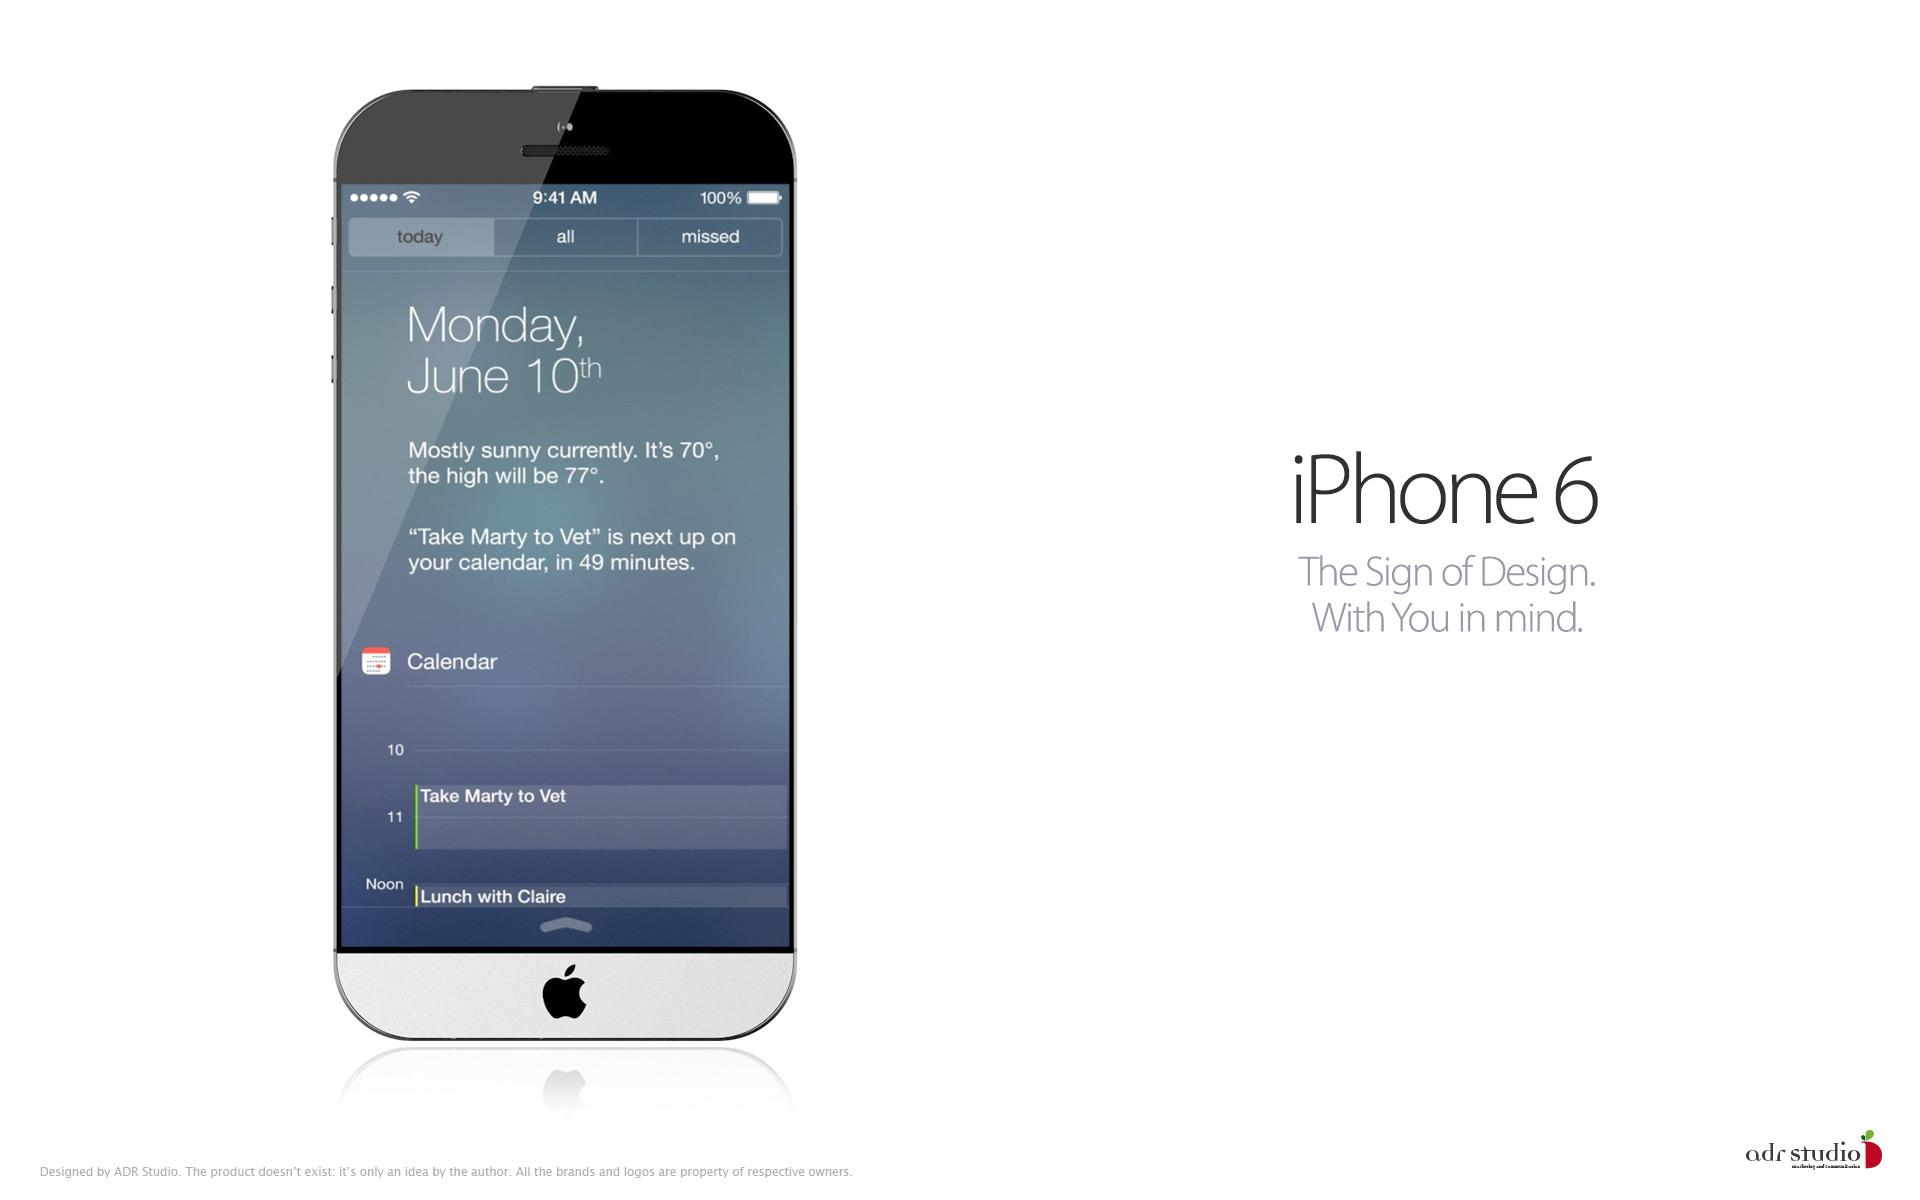 ADR Iphone6 08 iPhone 6 Design 1920x1200